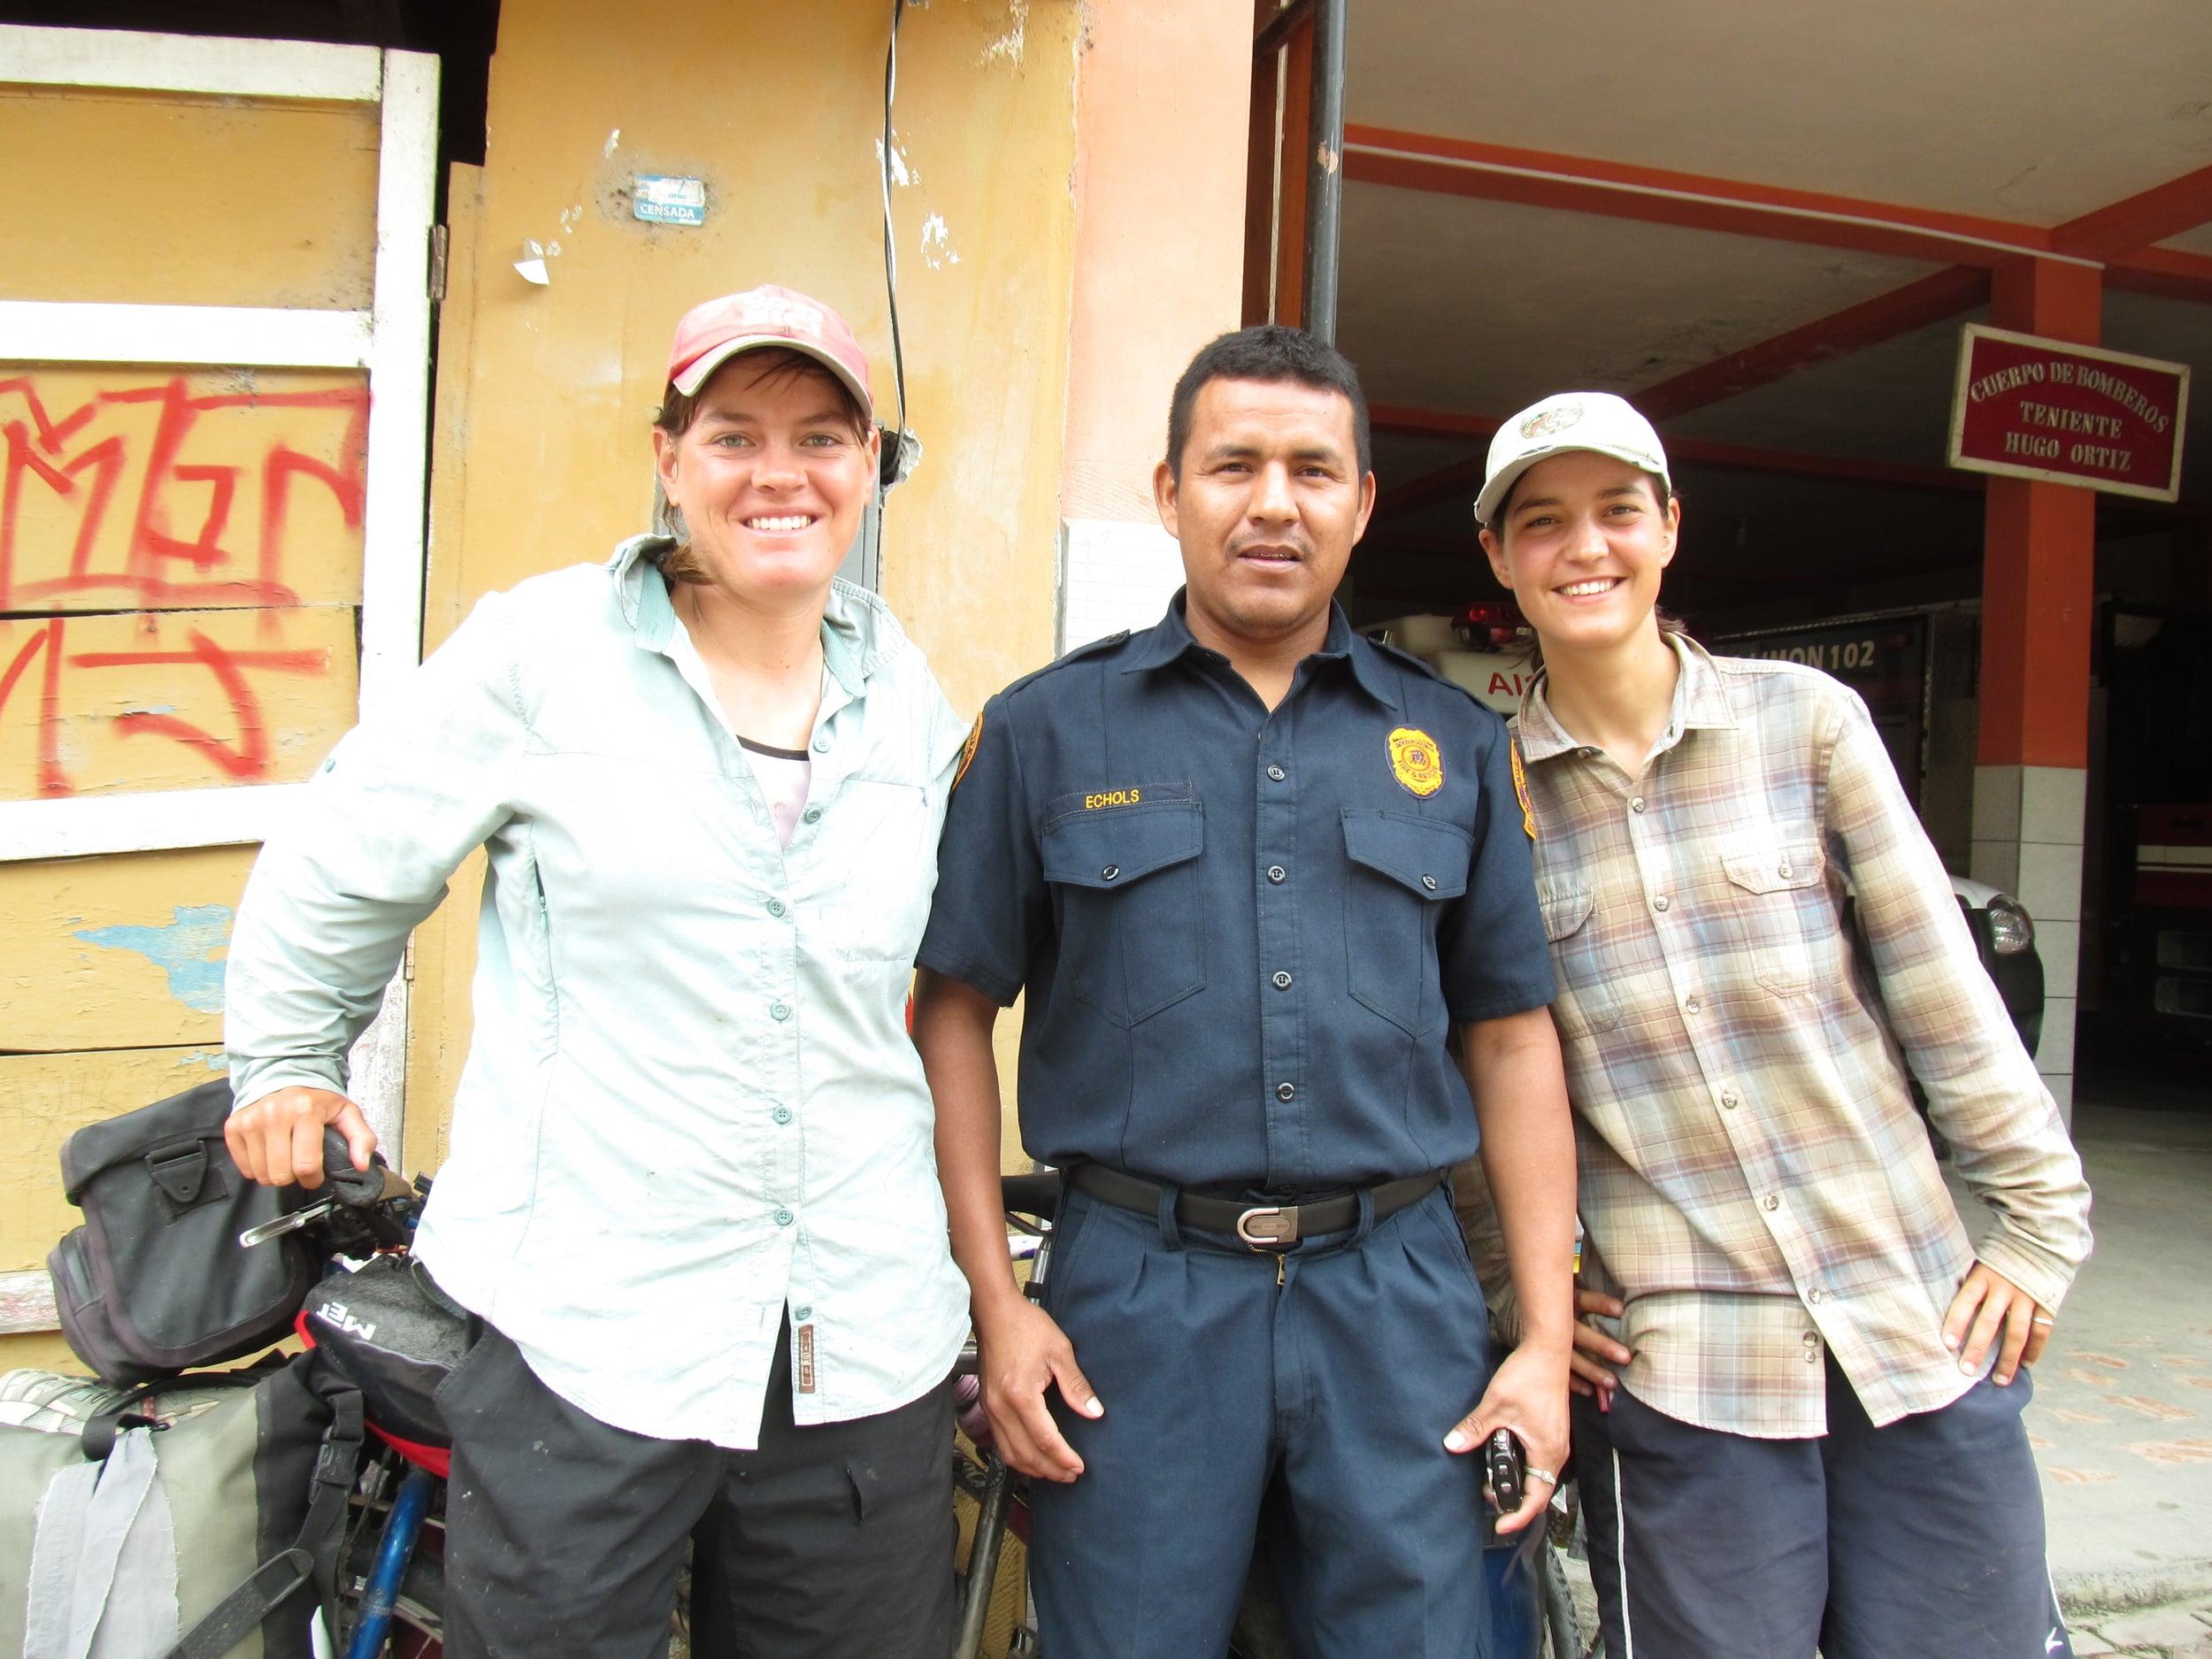 En Limón nos quedamos en otro bombero. Jimmy es un bombero alli y nos hablamos mucho  con el. Gracias Jimmy por su hospitalidad y lecciones de español.